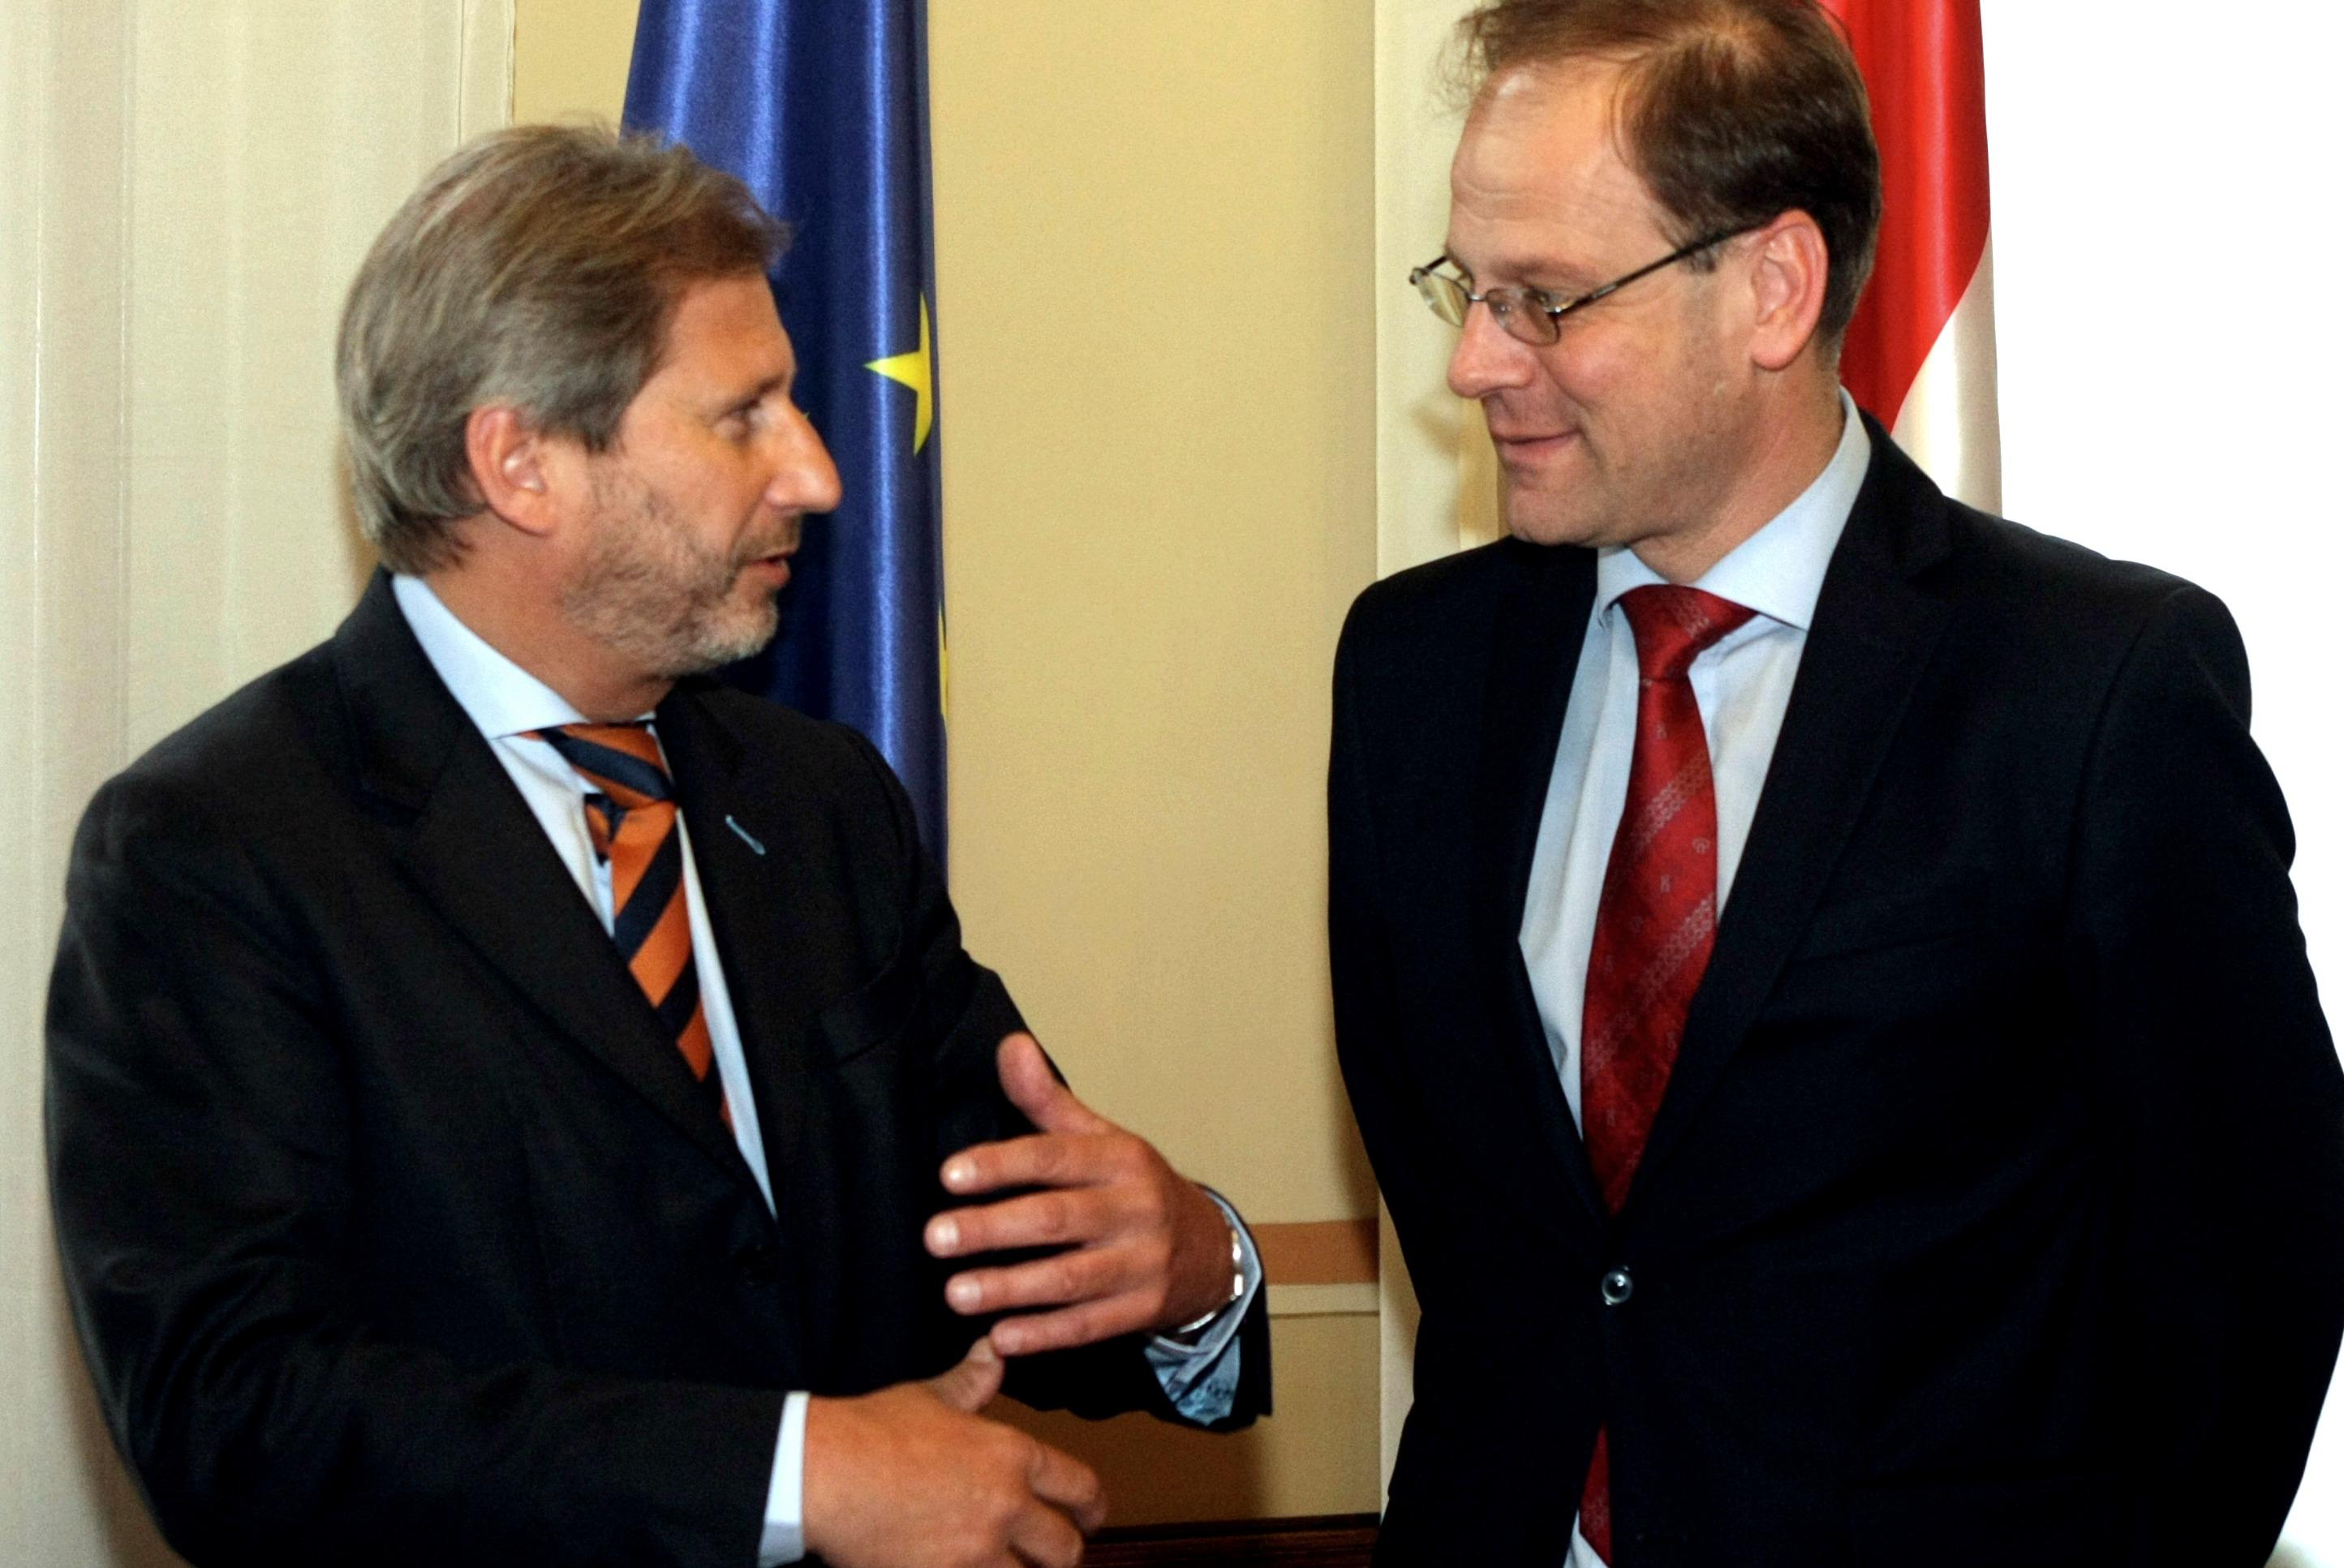 Tibor Navracsics (à droite) en discussion avec Johannes Hahn, commissaire autrichien  [European Commission]